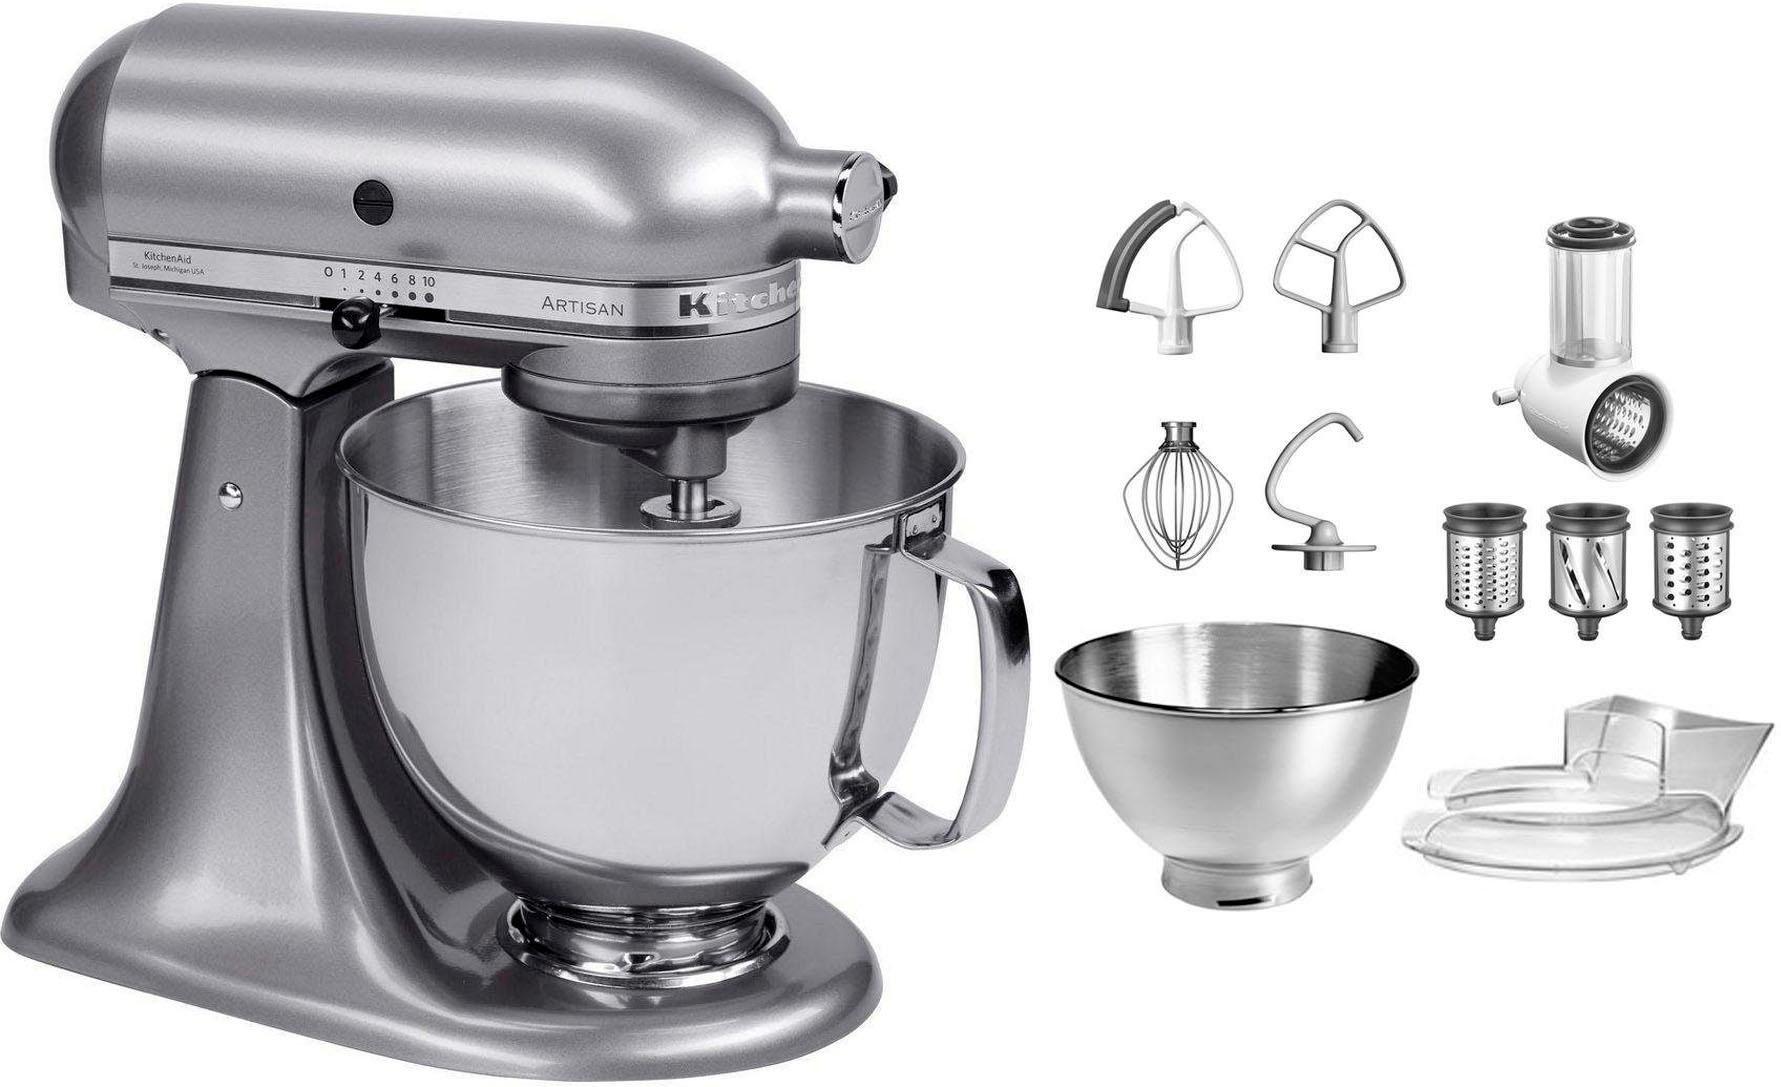 KitchenAid keukenmachine Artisan 5KSM175PSECU met gratis groentesnijder en 3 trommels, 300 W nu online kopen bij OTTO